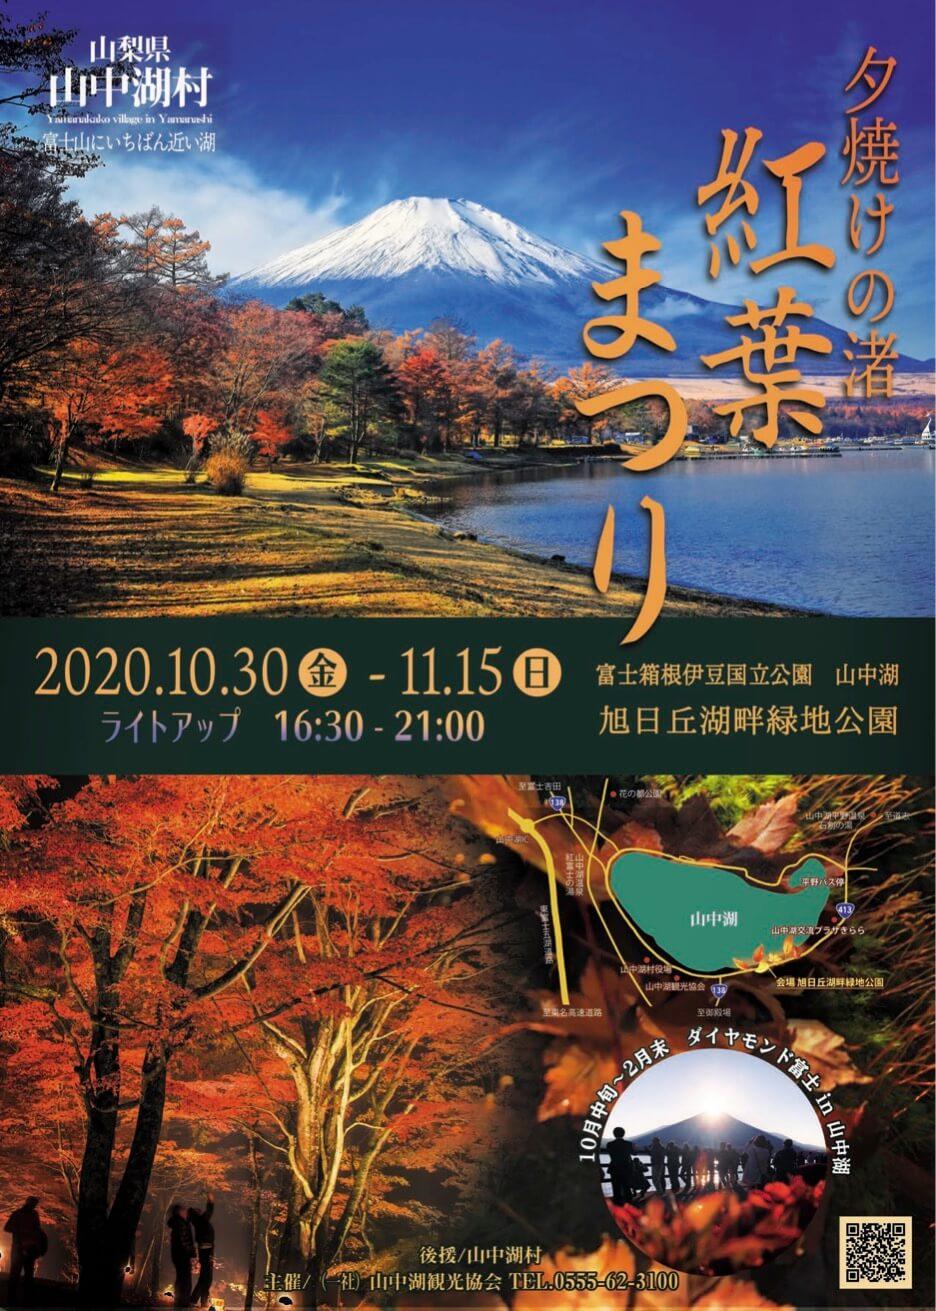 Yamanakako autumn festival 2020 - 3776D